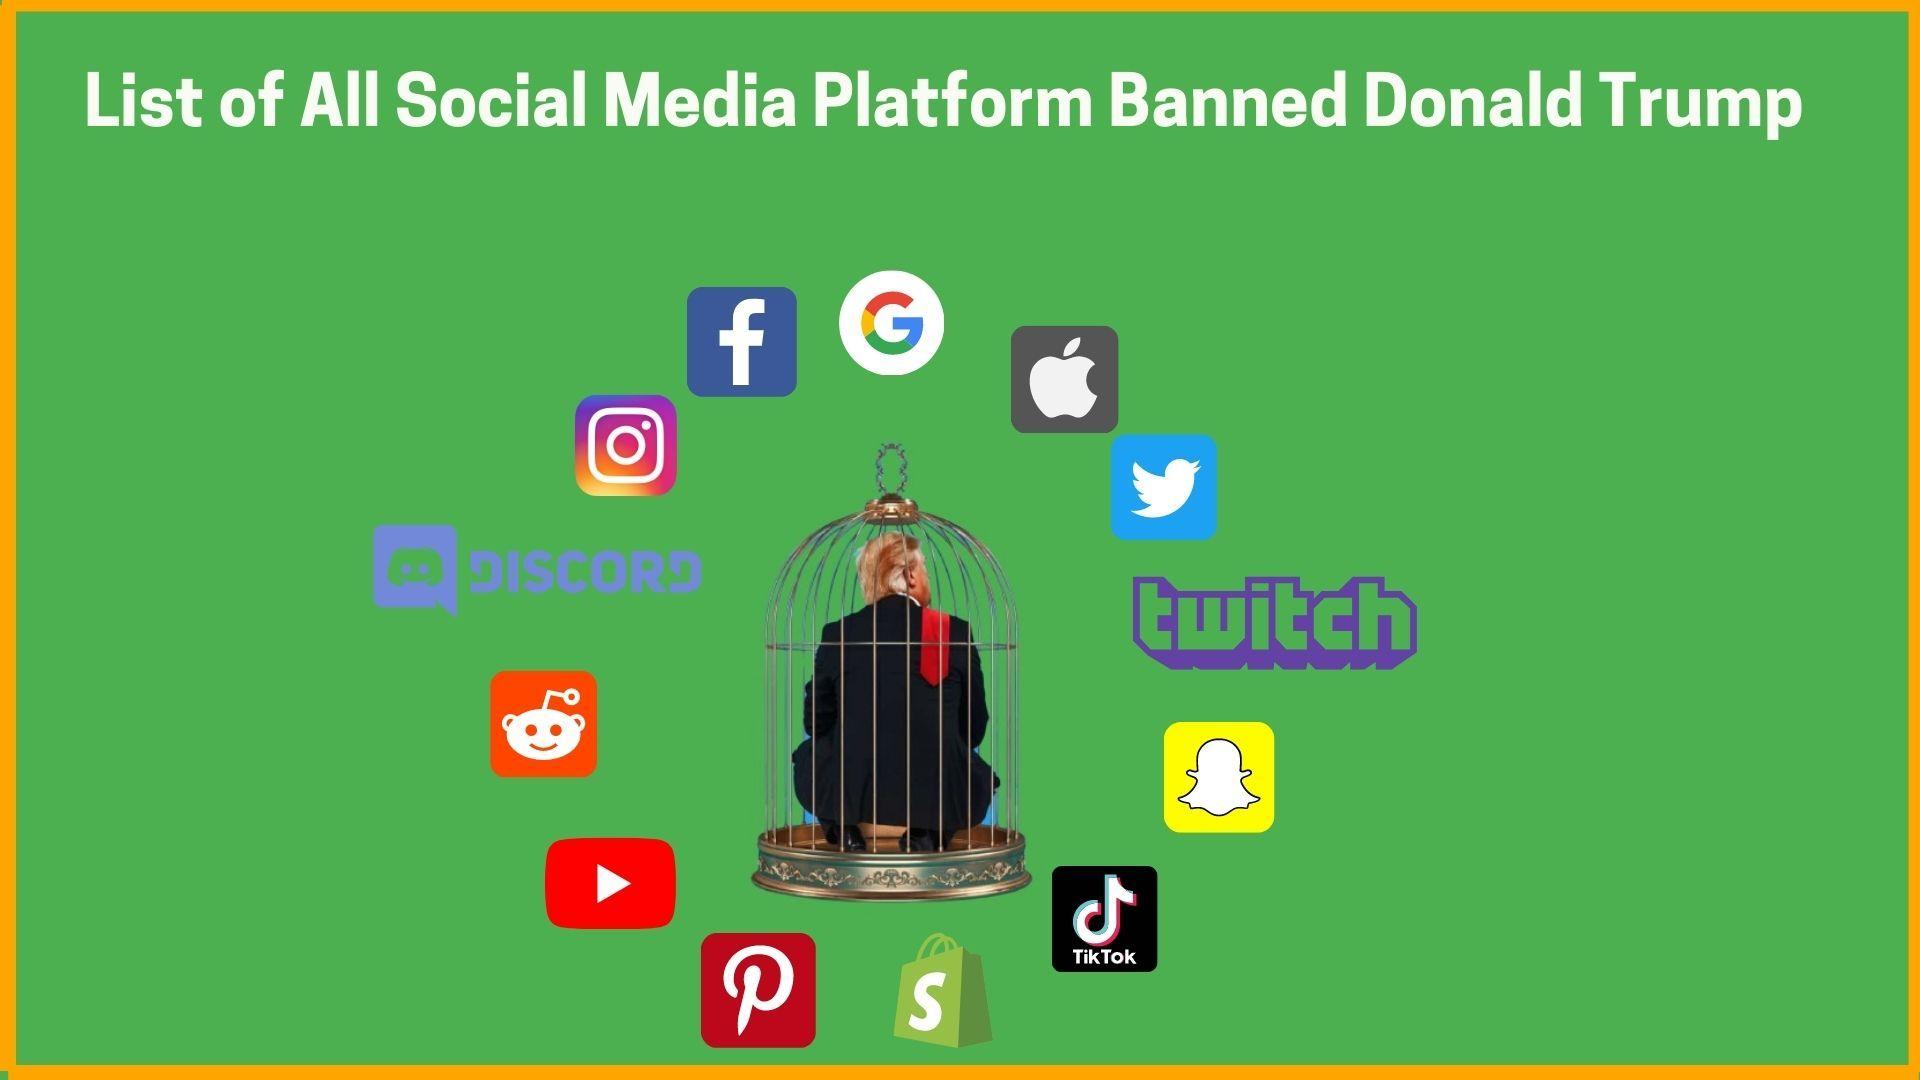 List of All Social Media Platform Banned Donald Trump